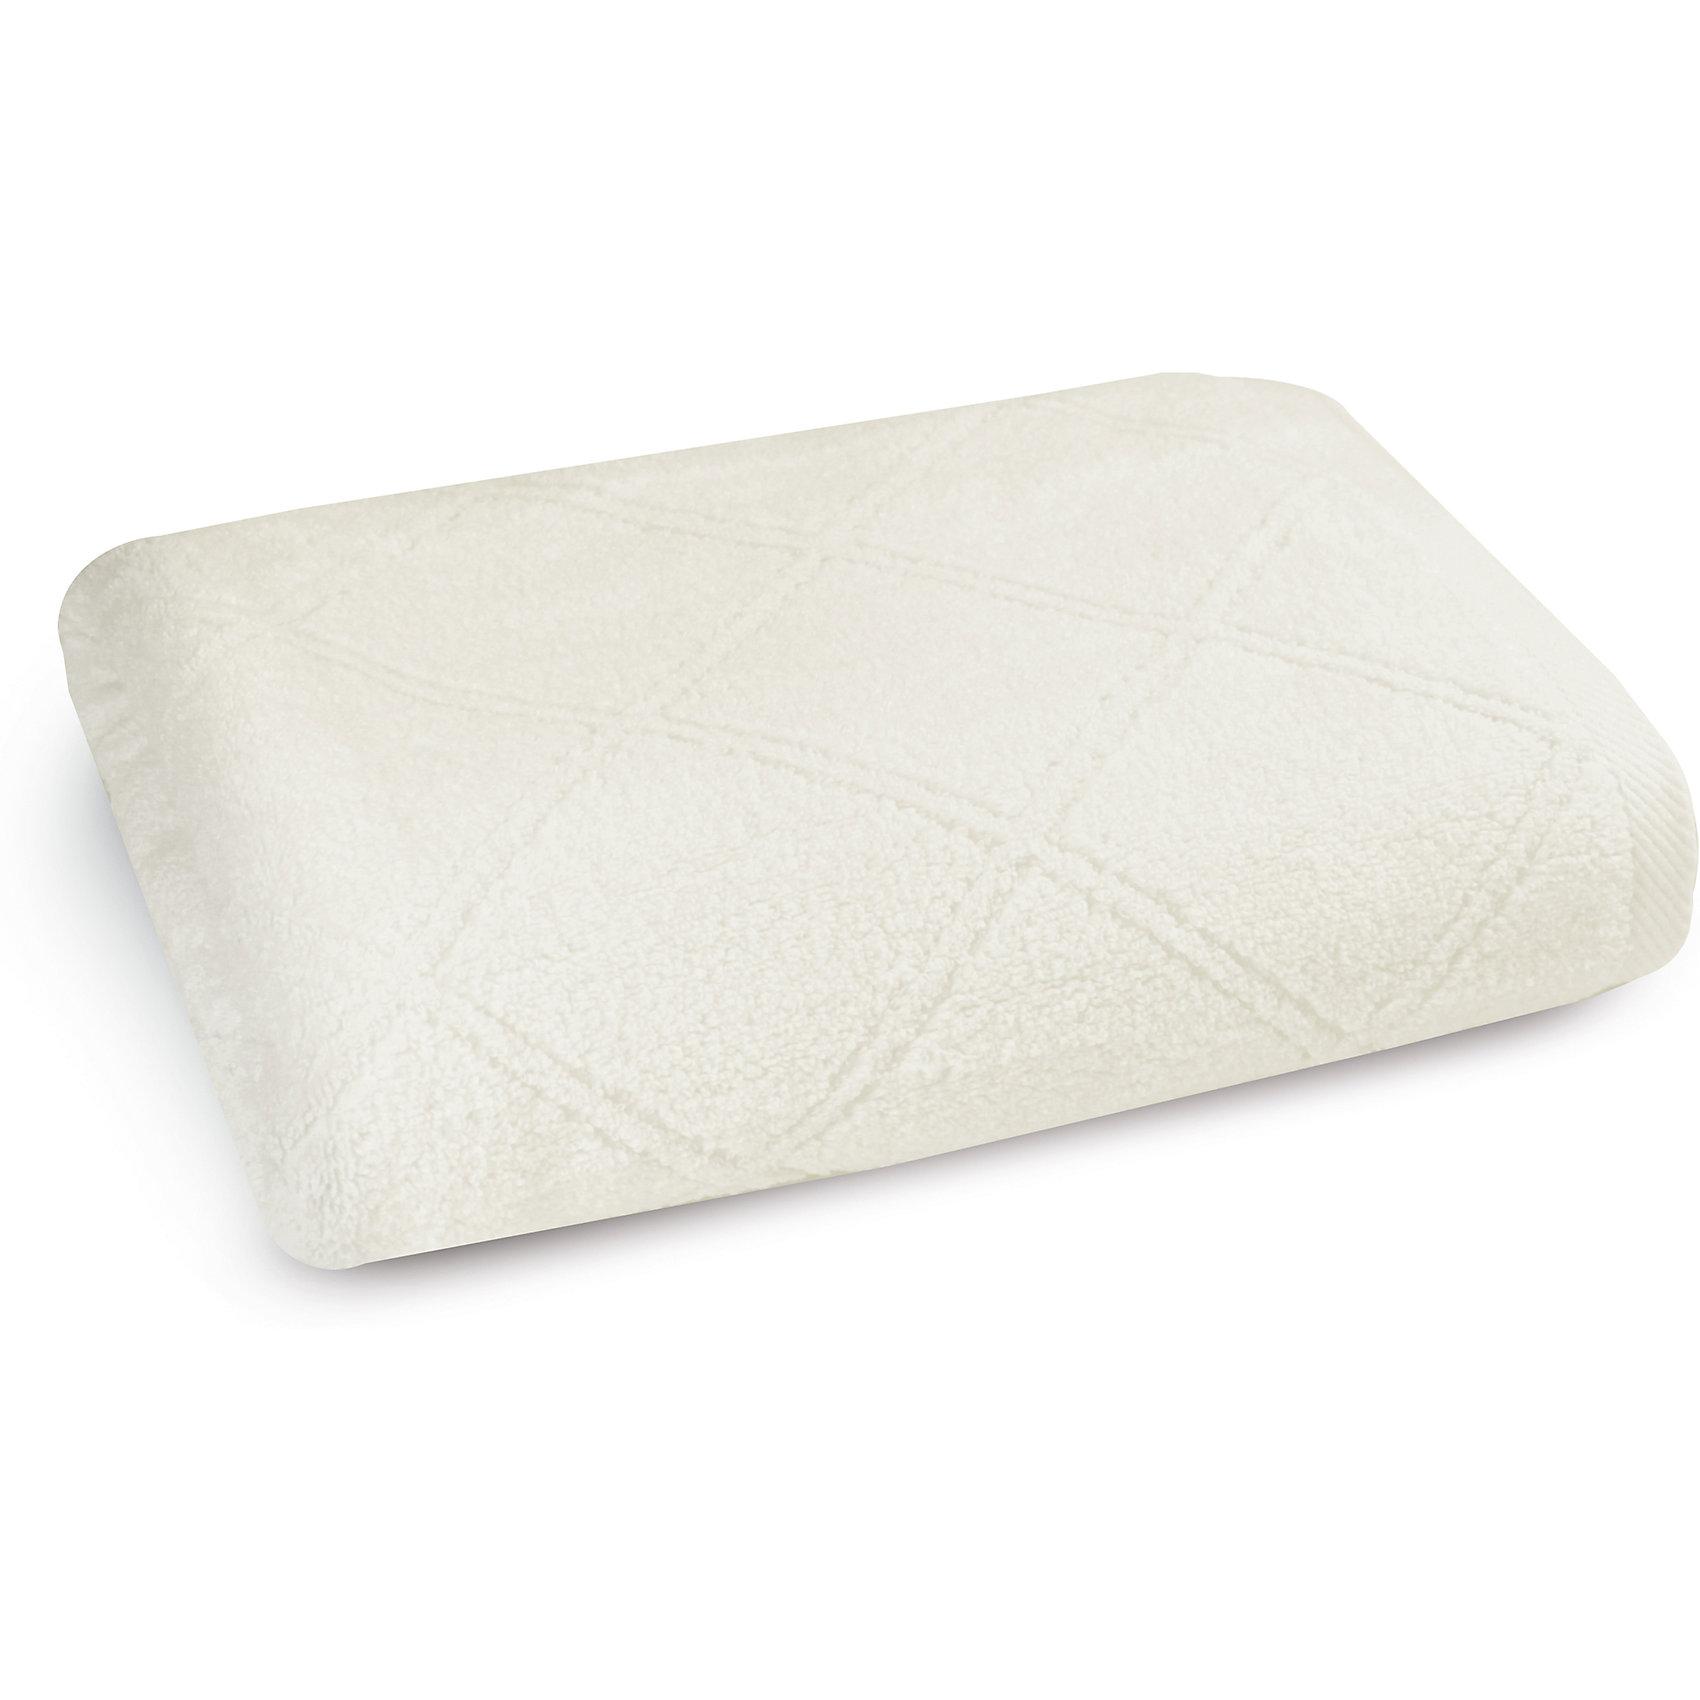 Полотенце махровое 30*70, Cozy Home, белыйВанная комната<br>Полотенце махровое 30*70, Cozy Home (Кози Хоум), белый<br><br>Характеристики:<br><br>• мягкое и приятное на ощупь<br>• хорошо впитывает влагу<br>• легко стирать<br>• материал: хлопок<br>• размер: 30х70 см<br>• цвет: белый<br><br>Мягкое и приятное полотенце от Cozy Home порадует ценителей качественного текстиля. Оно быстро впитывает влагу, оставаясь при этом мягким на ощупь. Полотенце не вызовет раздражения на коже и будет препятствовать размножению бактерий внутри ткани. Изделие отличается хорошей износостойкостью и долговечностью. Кроме того, оно устойчиво к деформации и не теряет свой цвет после многочисленных стирок. Полотенце имеет однотонную расцветку и дополнено узором с крупными ромбами. Такой дизайн хорошо впишется в интерьер любой ванной комнаты.<br><br>Полотенце махровое 30*70, Cozy Home (Кози Хоум), белый вы можете купить в нашем интернет-магазине.<br><br>Ширина мм: 150<br>Глубина мм: 250<br>Высота мм: 150<br>Вес г: 150<br>Возраст от месяцев: 0<br>Возраст до месяцев: 216<br>Пол: Унисекс<br>Возраст: Детский<br>SKU: 5355269